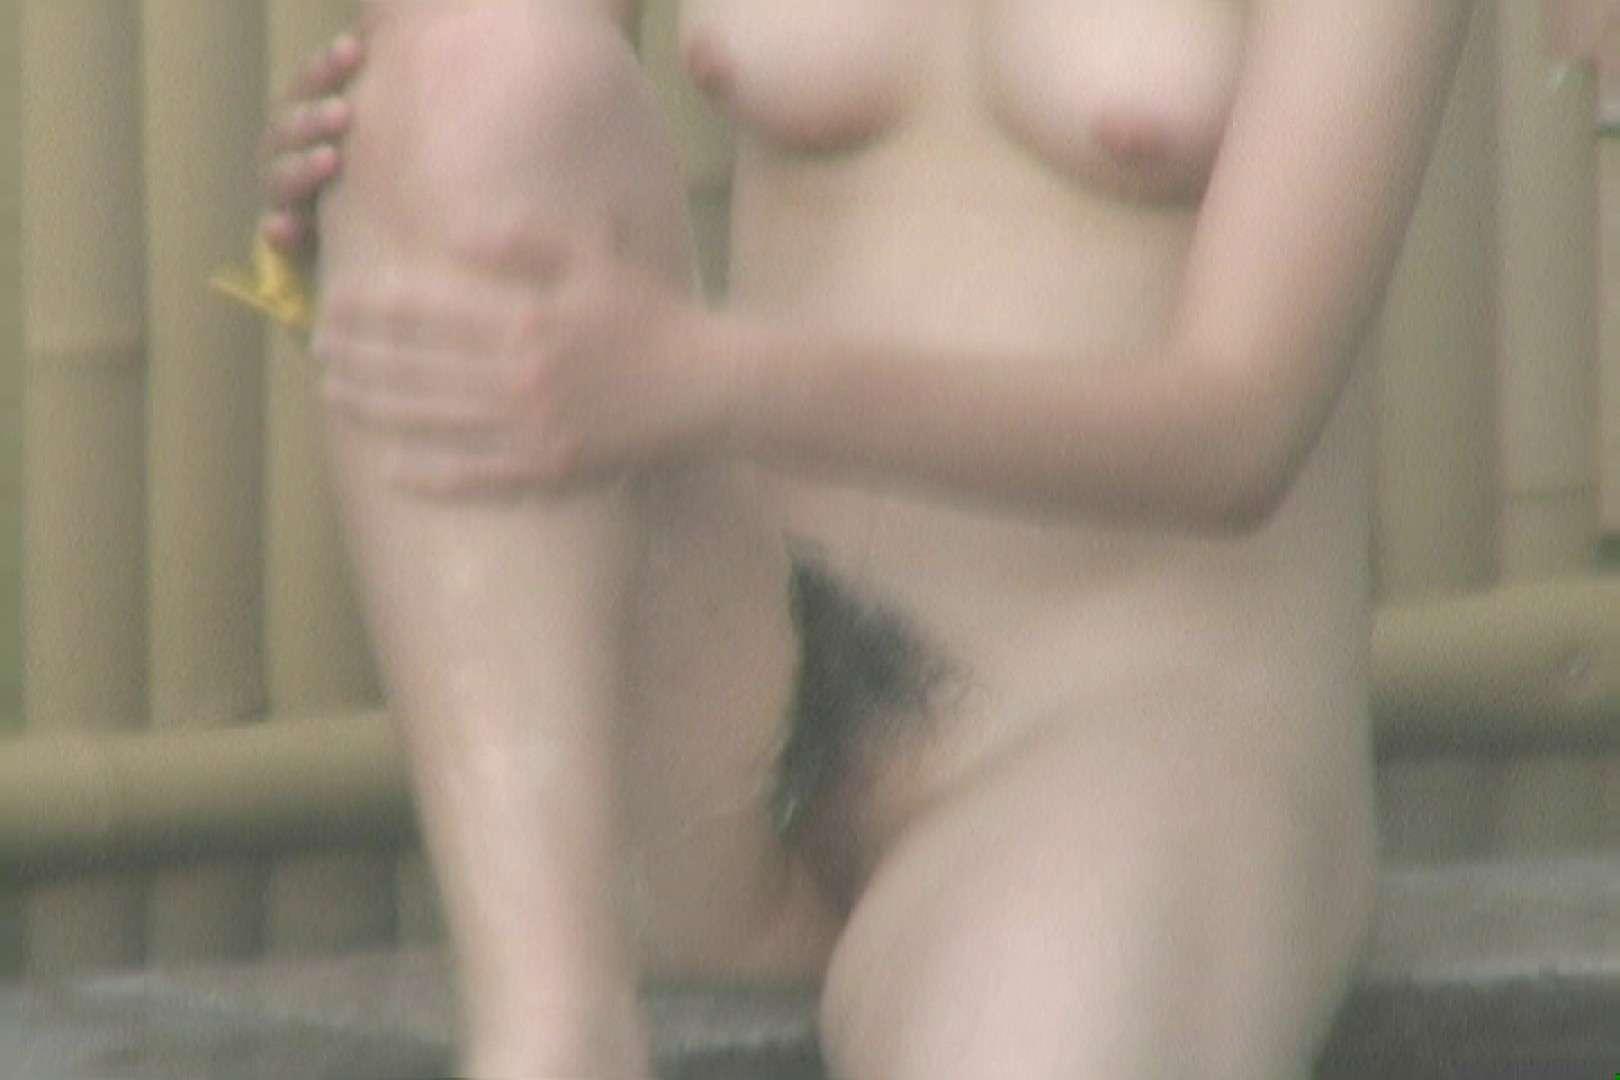 Aquaな露天風呂Vol.625 盗撮 | 露天  57pic 57